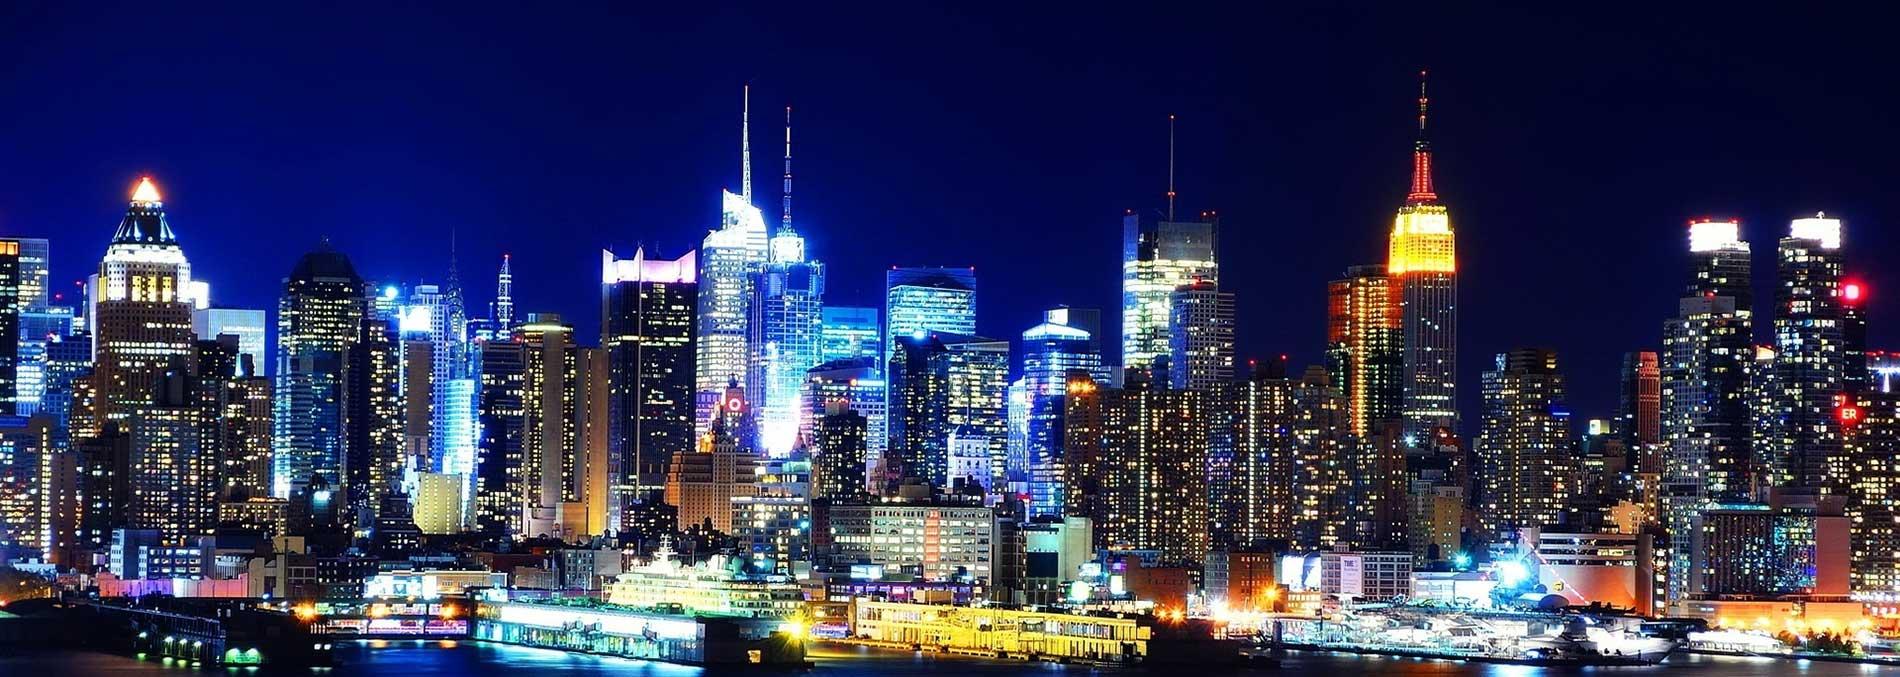 NYC-1900x677